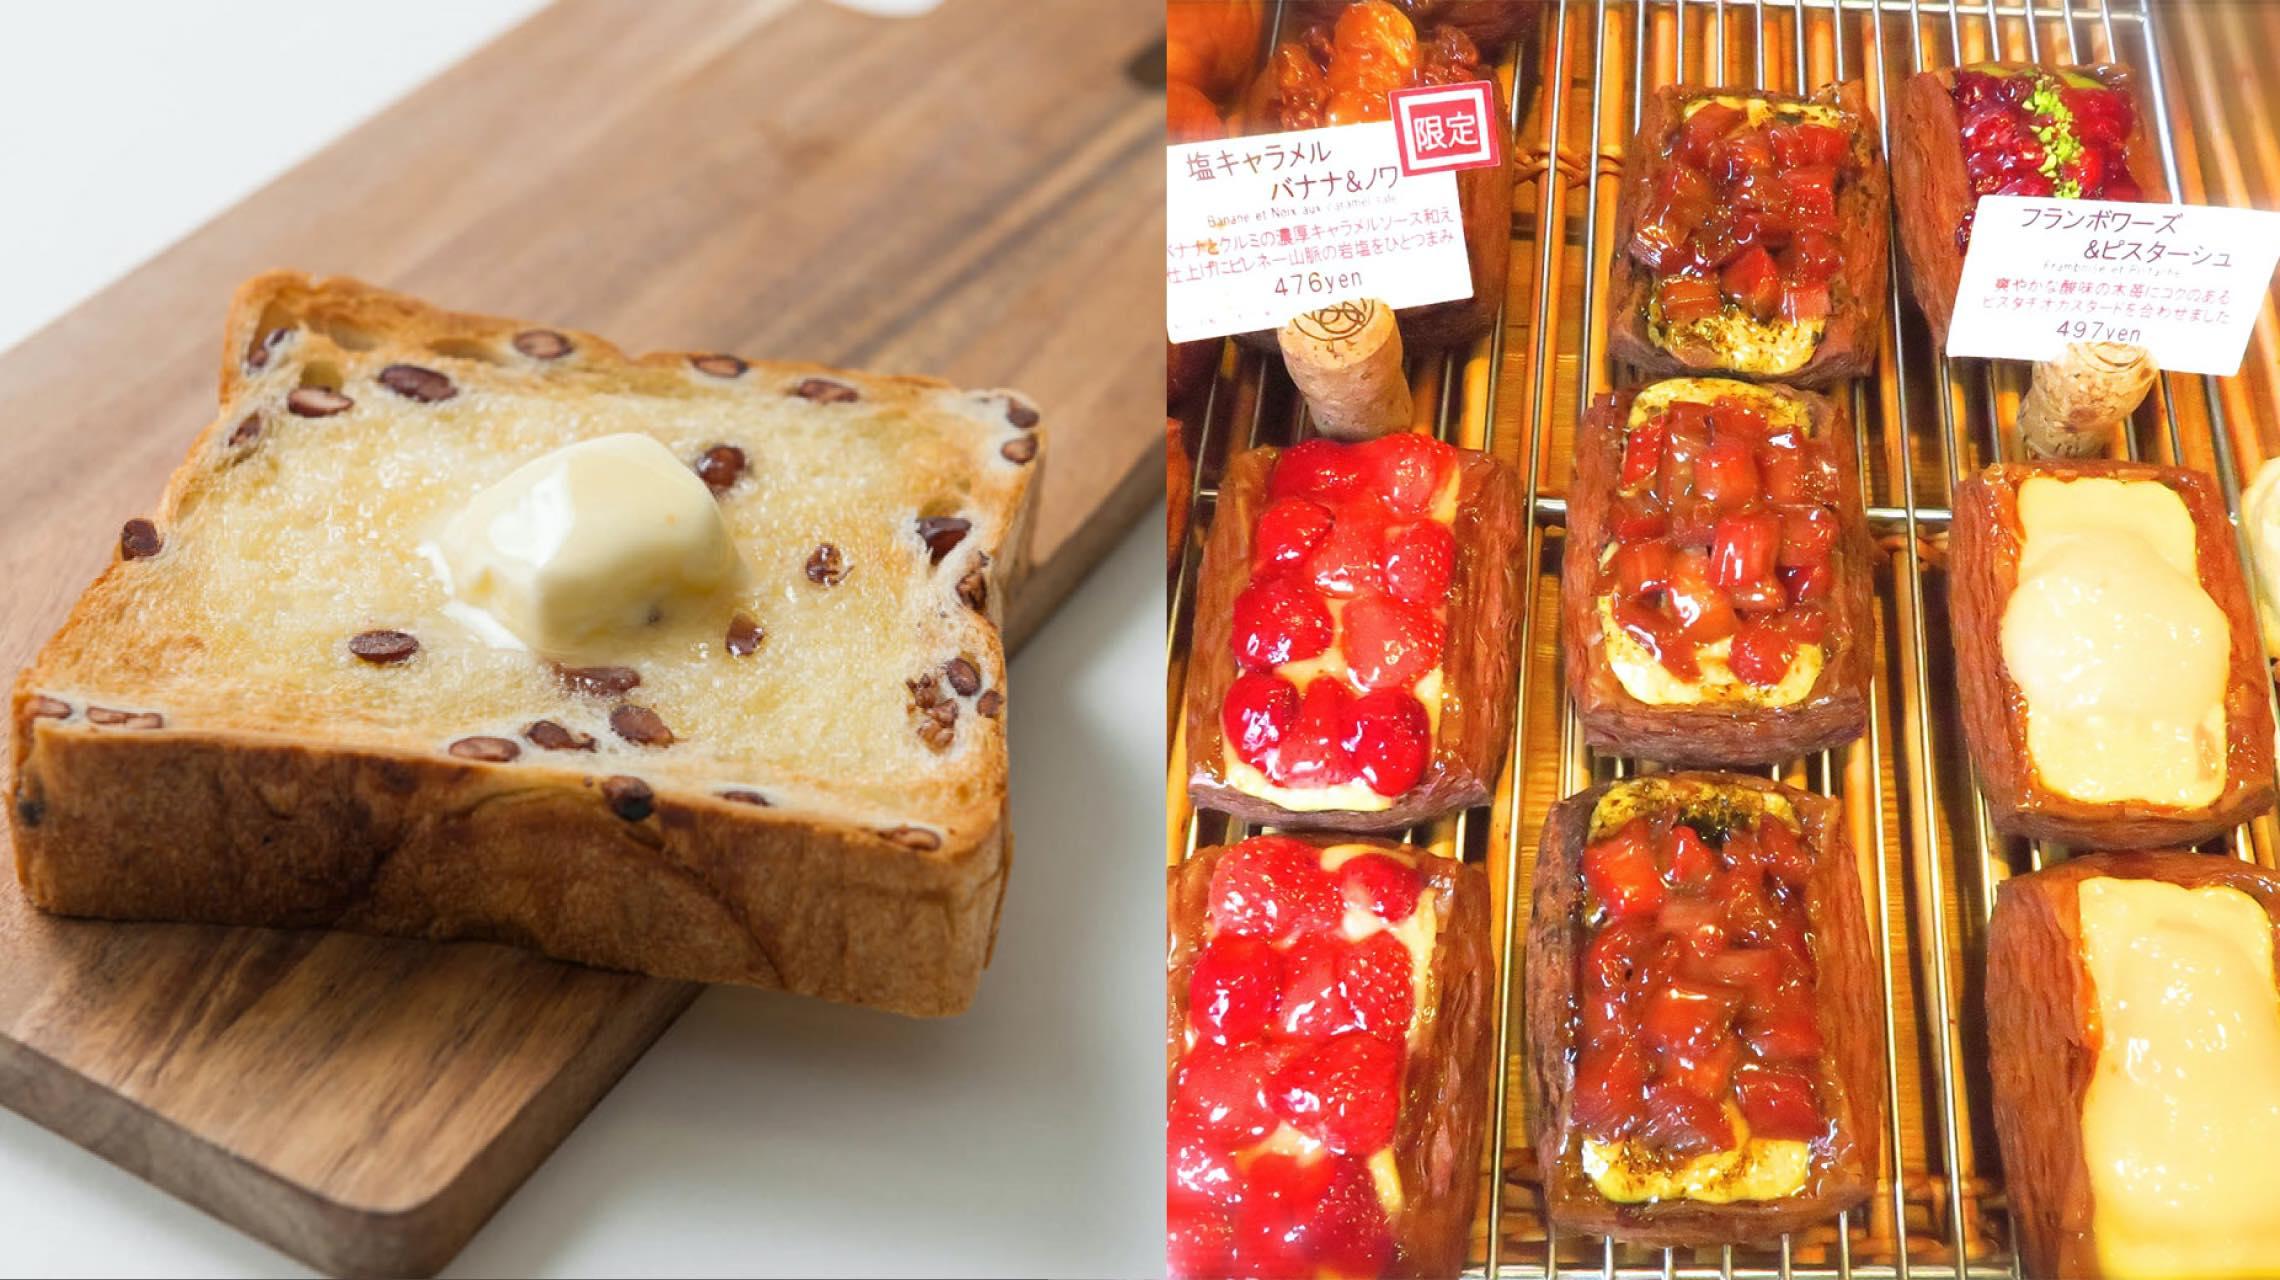 ふんわり食パンやクロワッサンなど、パンの聖地・世田谷区で見つけた4つのパン屋。